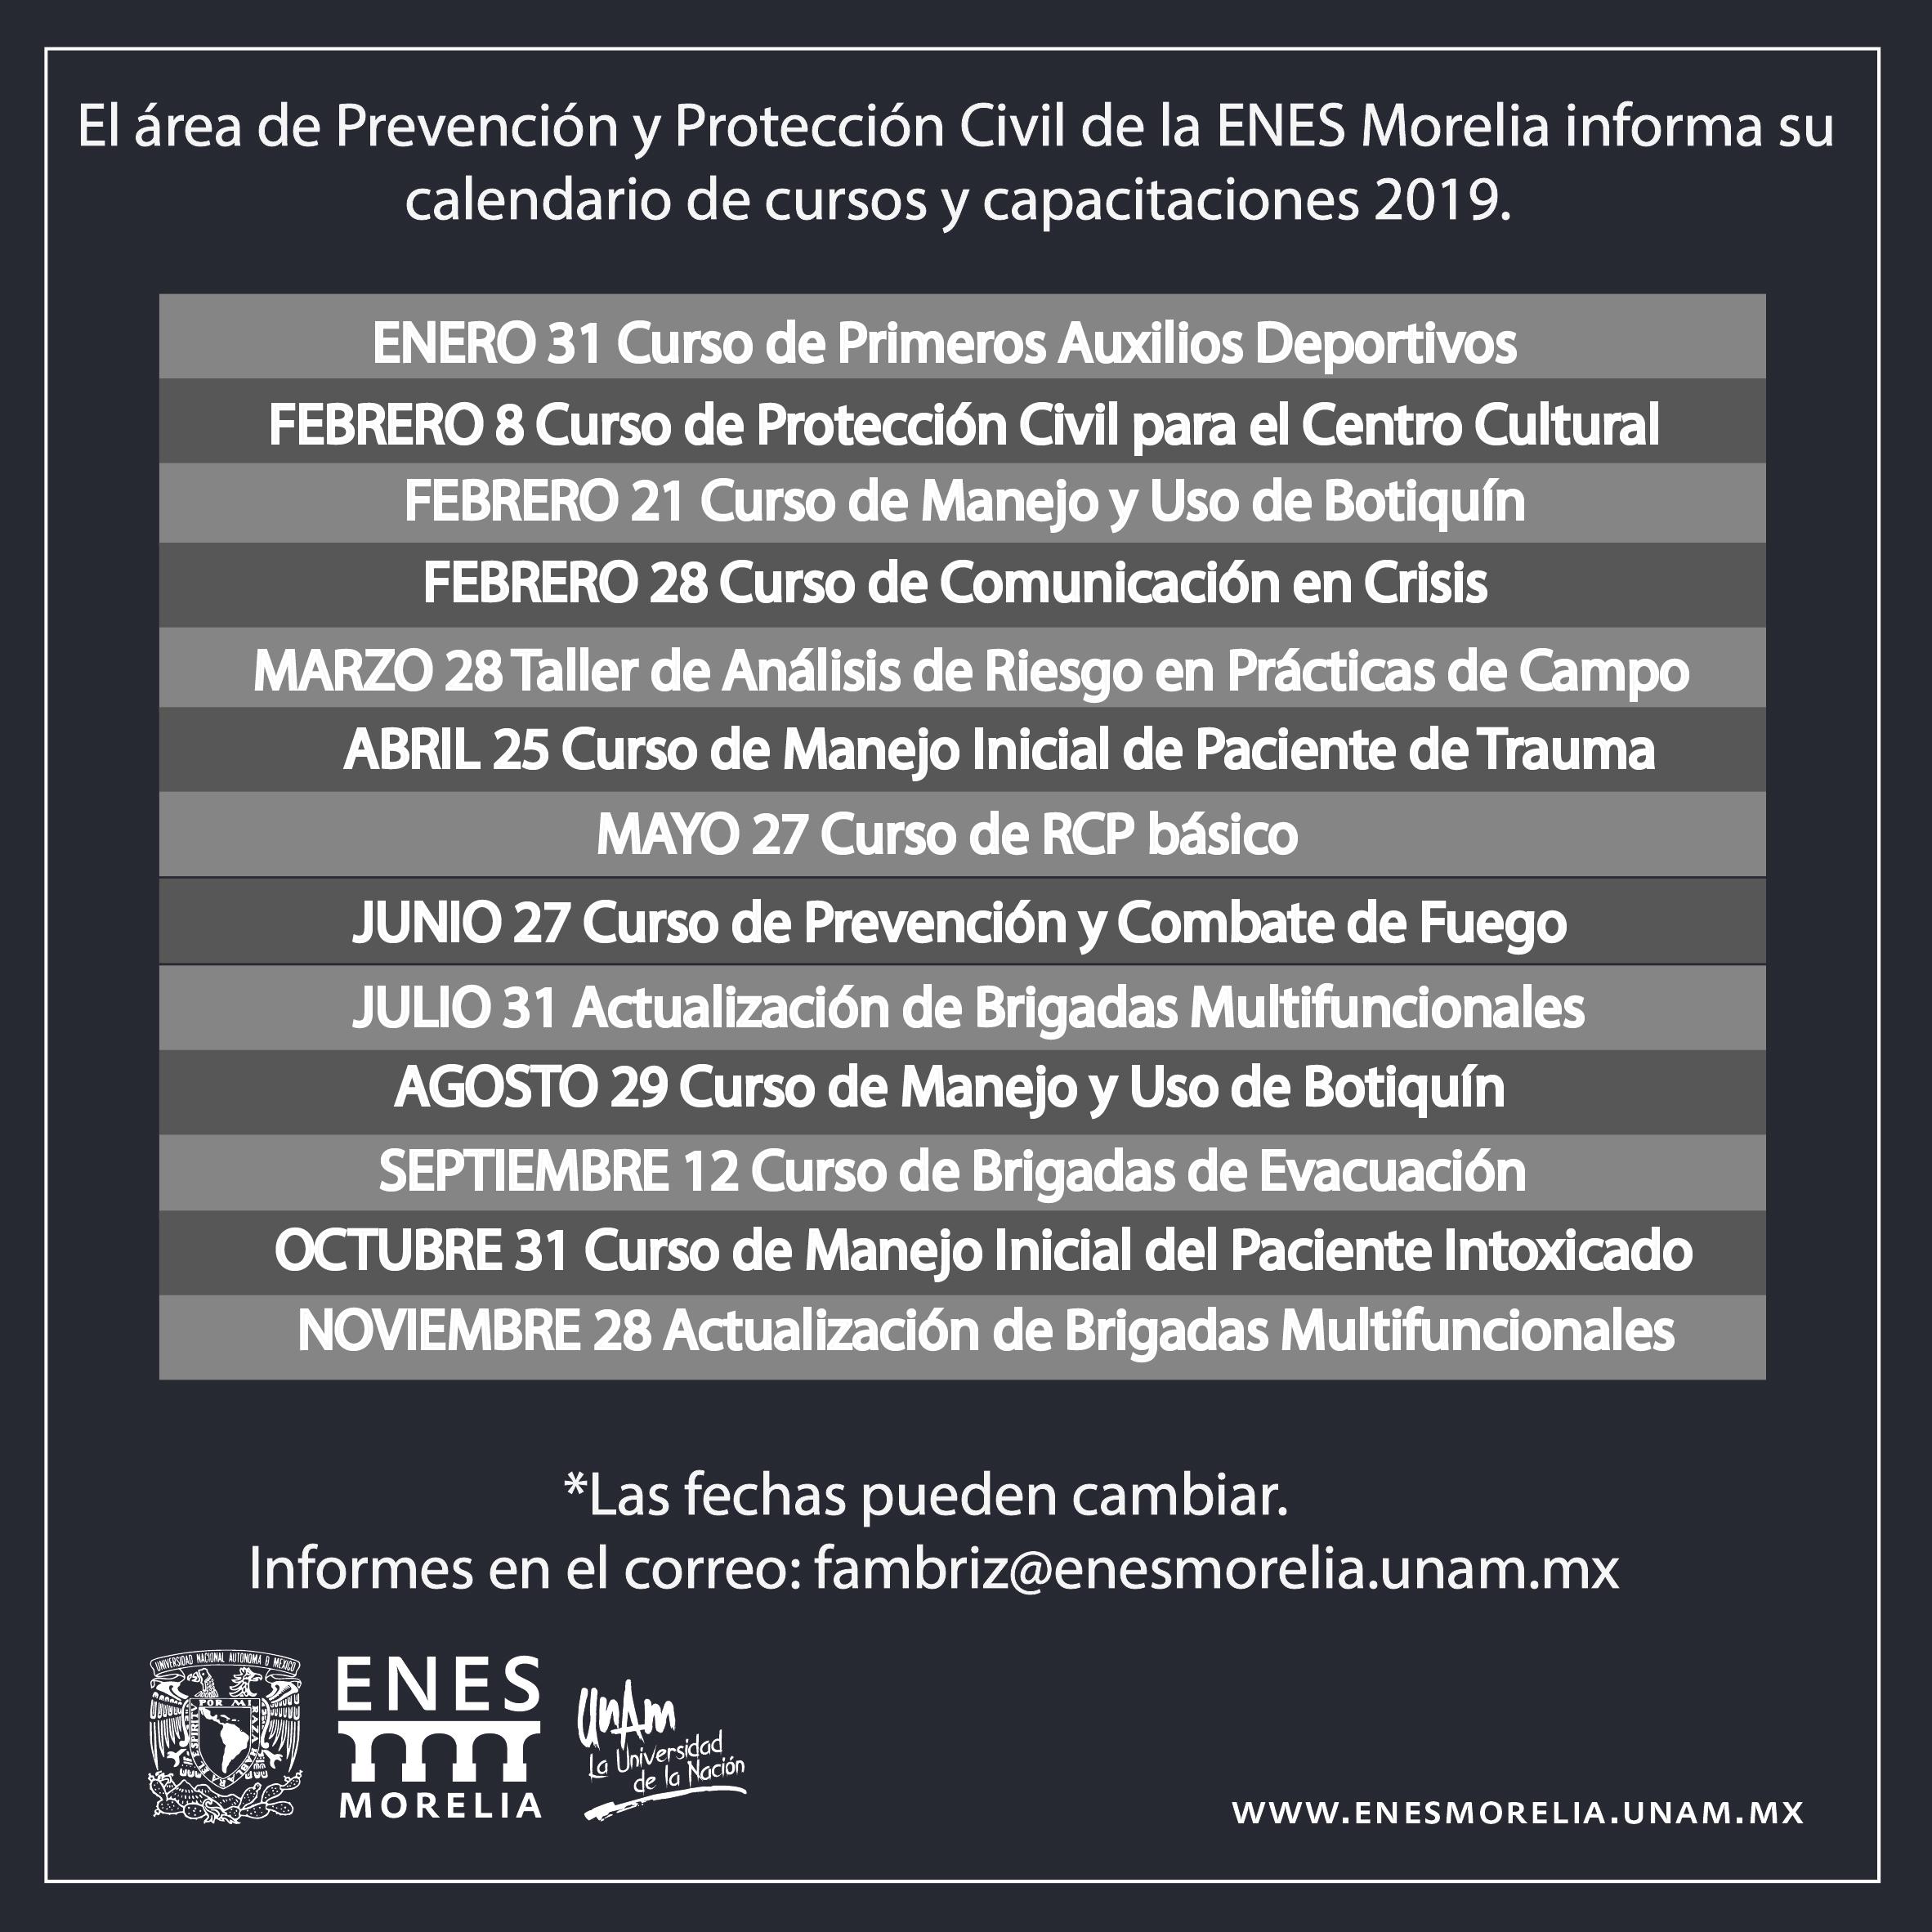 Calendario de cursos y capacitaciones-01